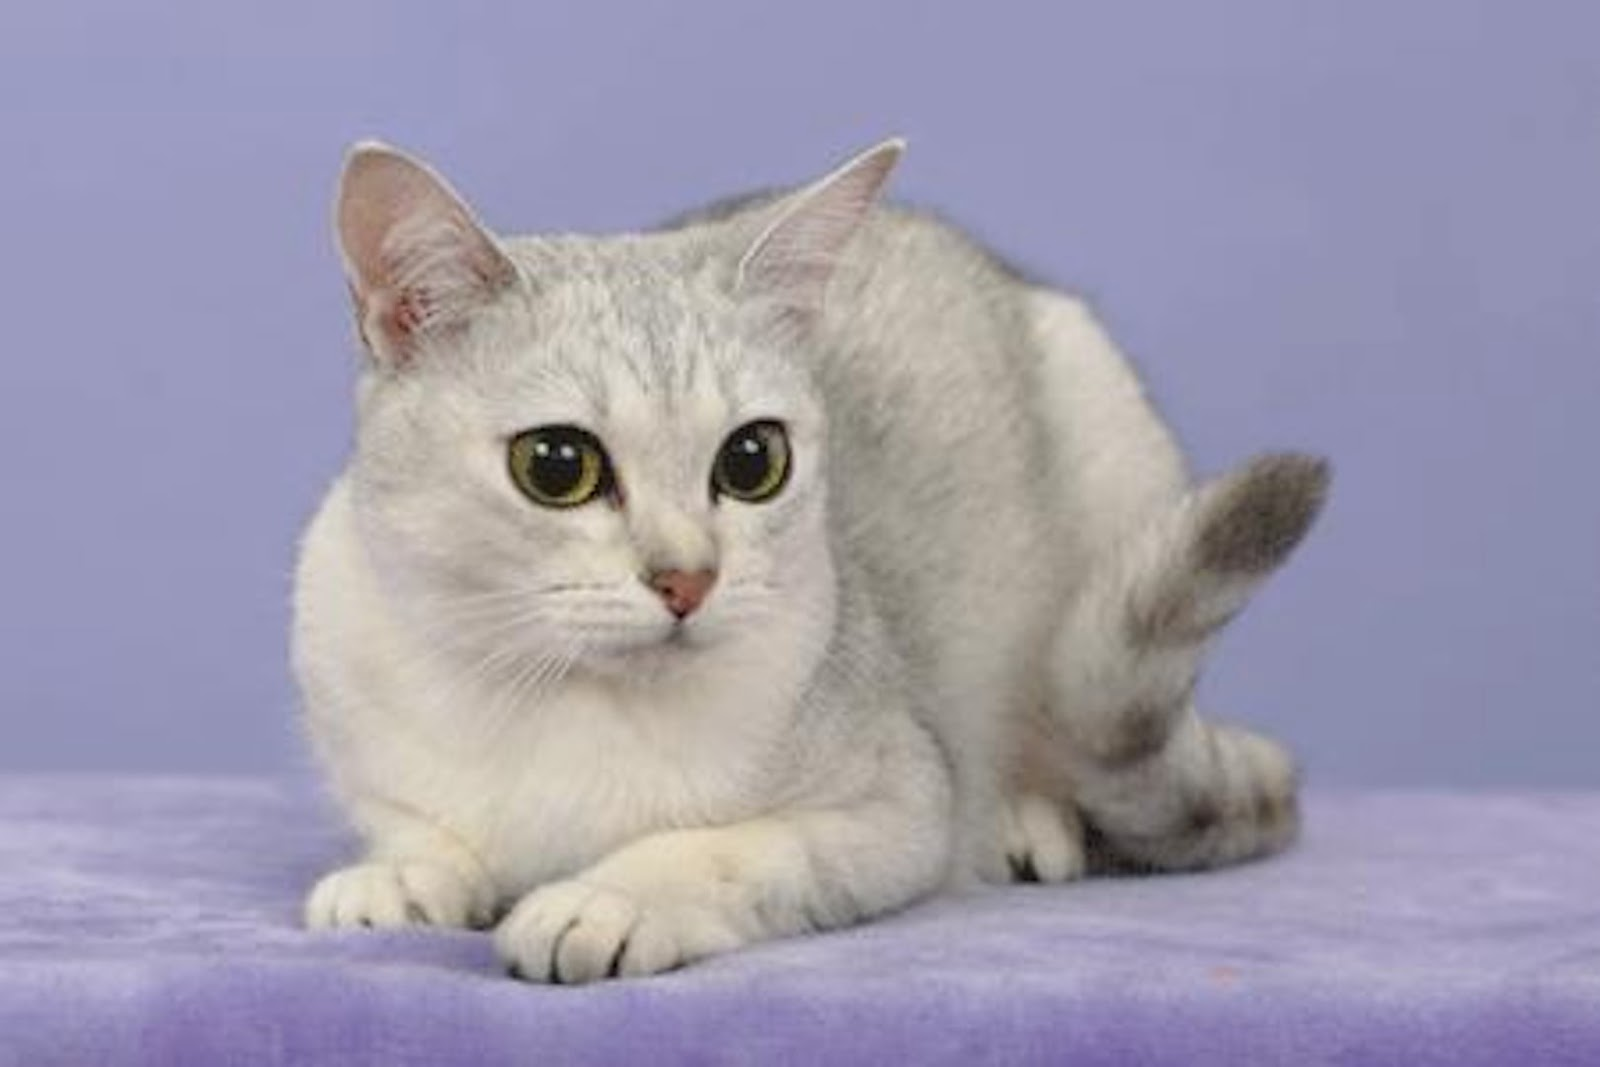 нередко, порода кошек бурмилла короткошерстная картинки очень часто подобного